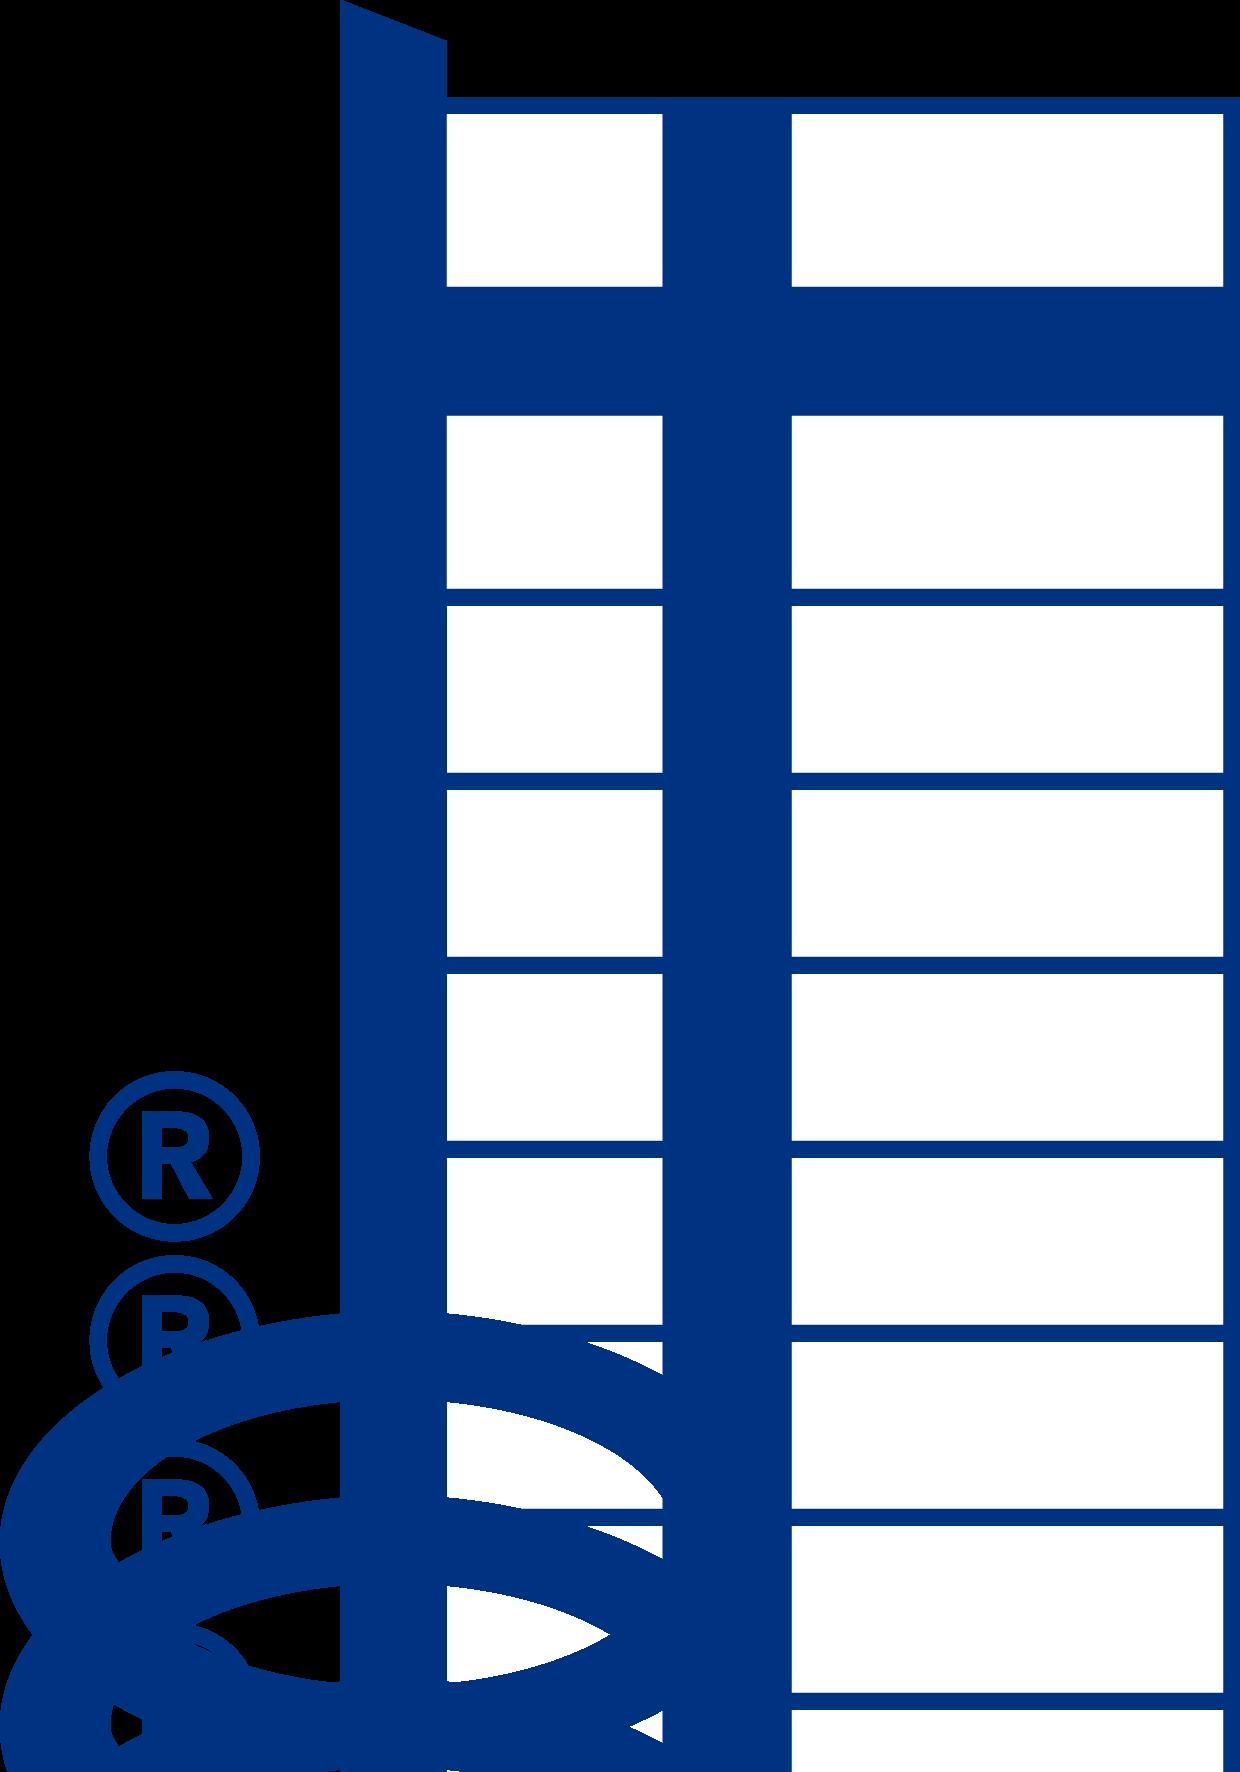 Lojer -tuotteille on myönnetty Avainlippu -tunnus